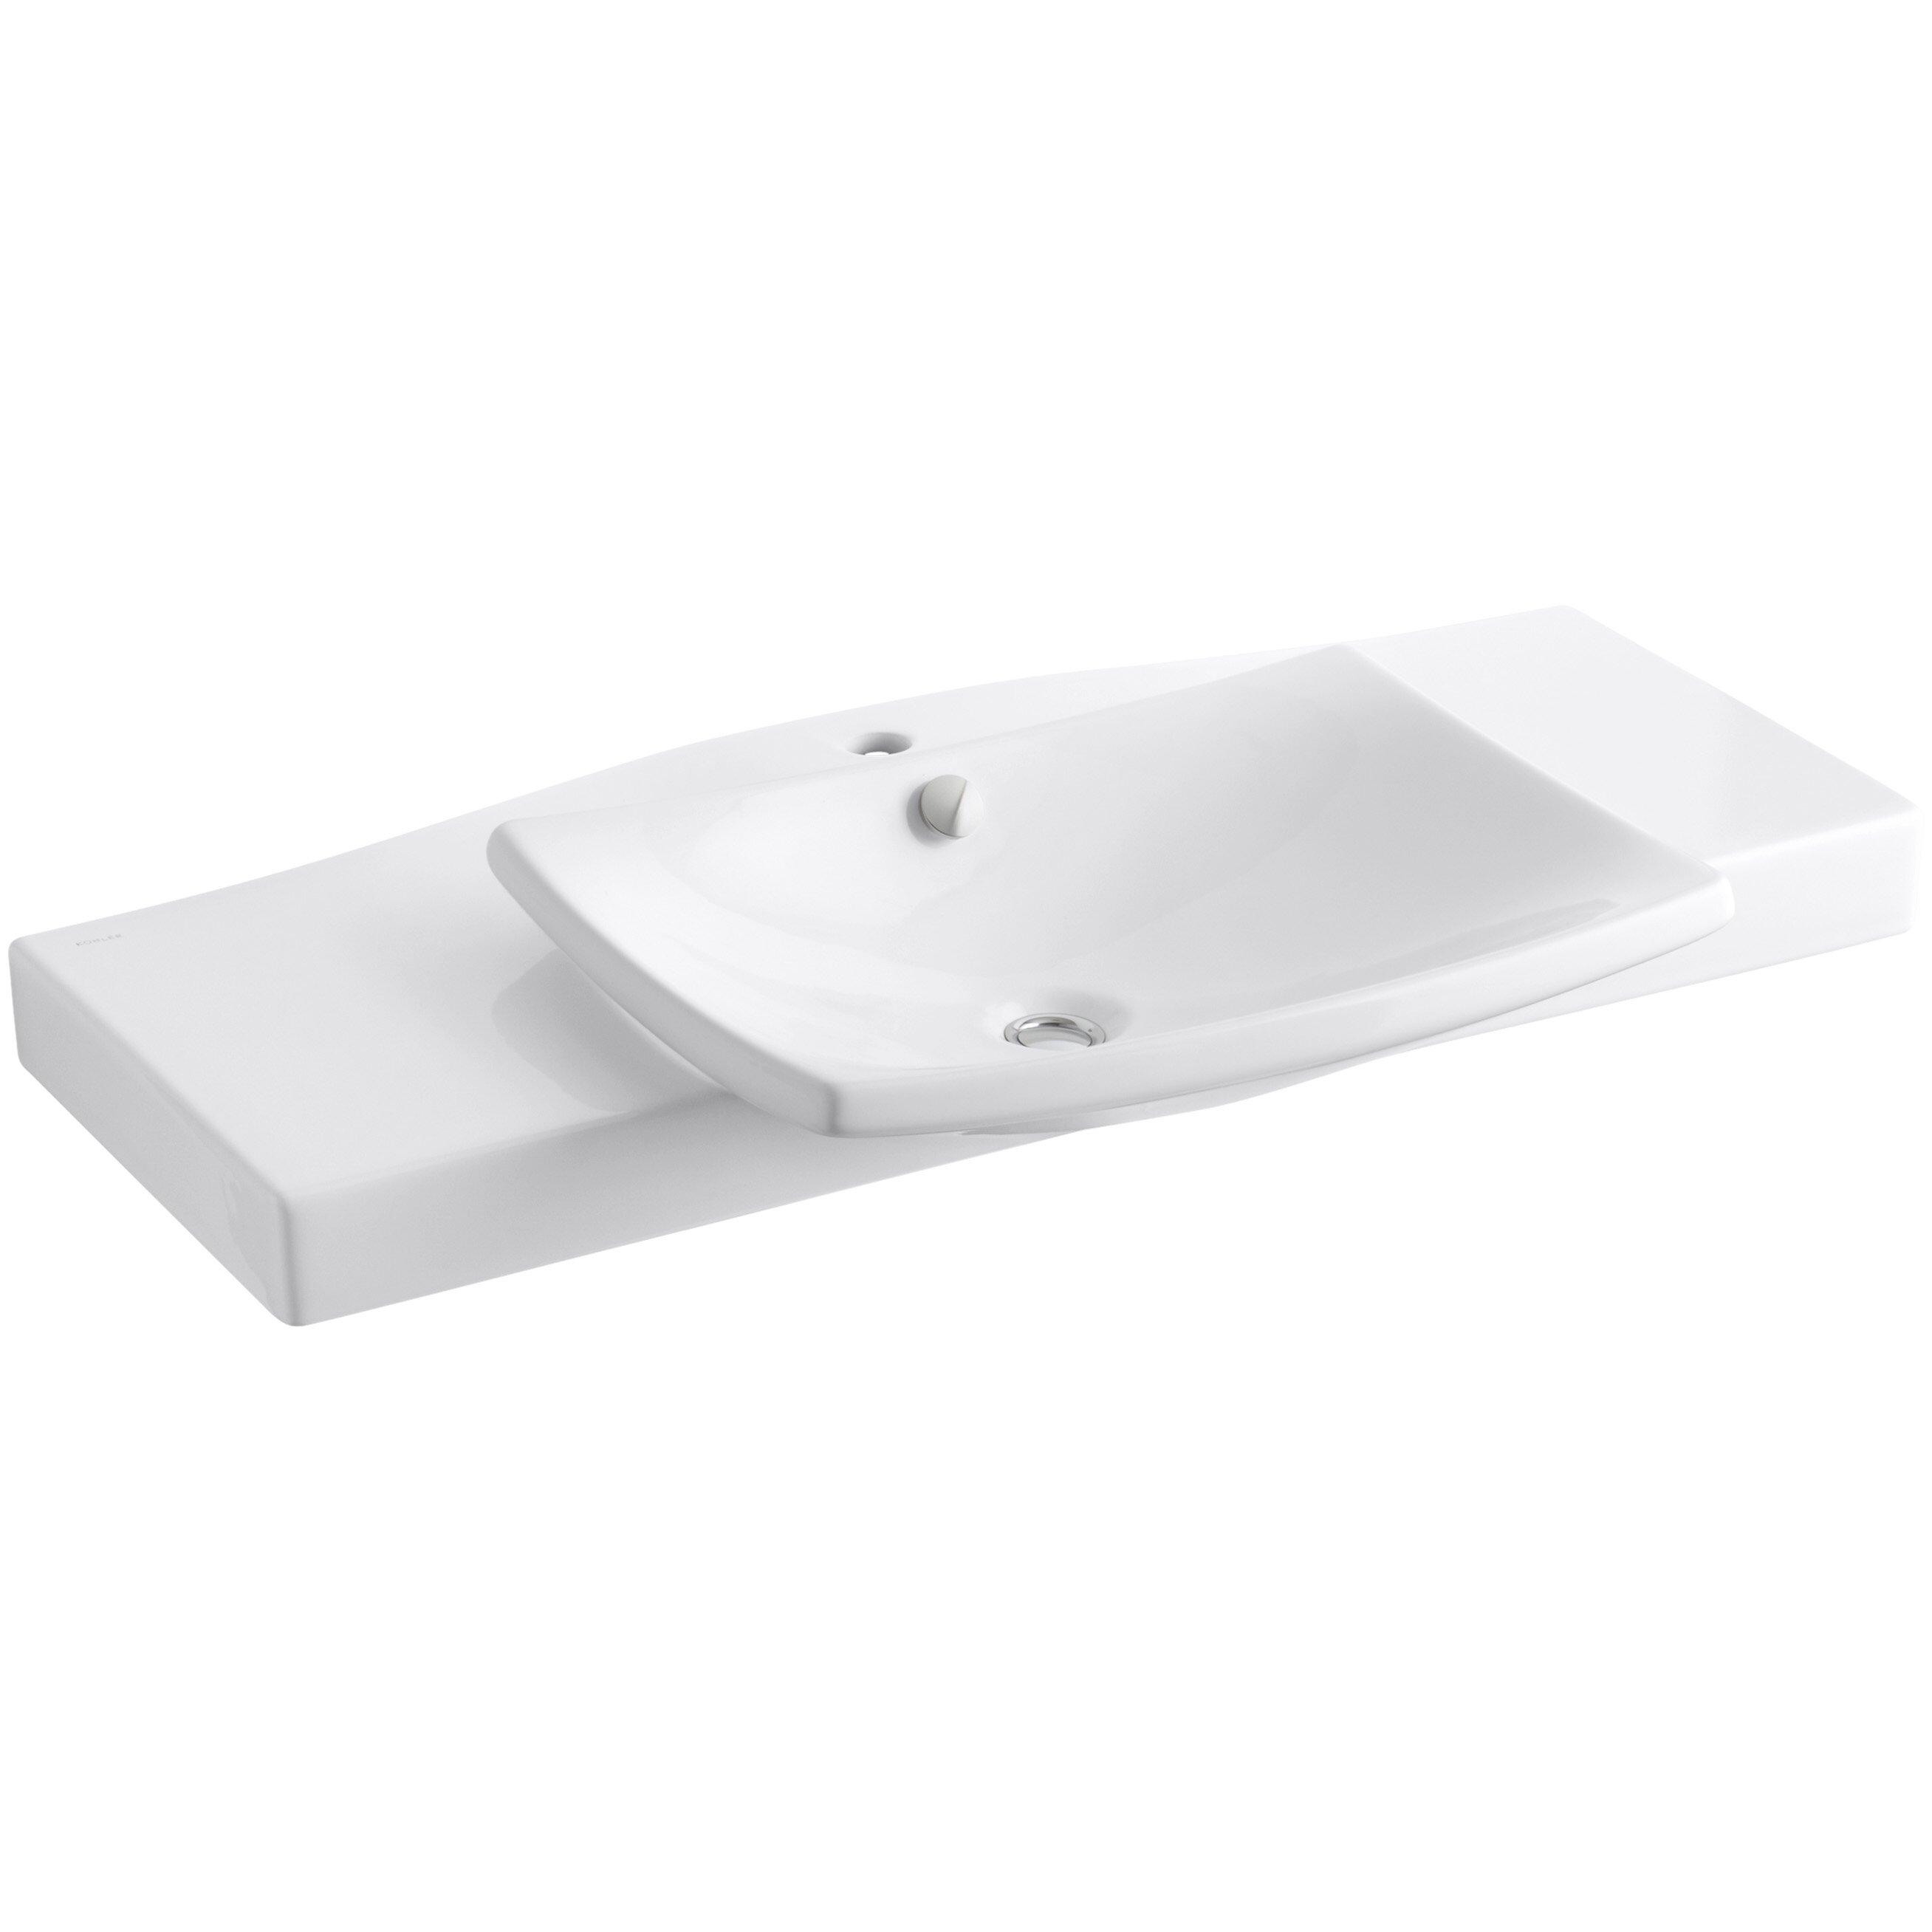 """Kohler Escale Pedestal 40"""" Single Bathroom Vanity Top & Reviews ... - Kohler Escale Pedestal 40"""" Single Bathroom Vanity Top"""